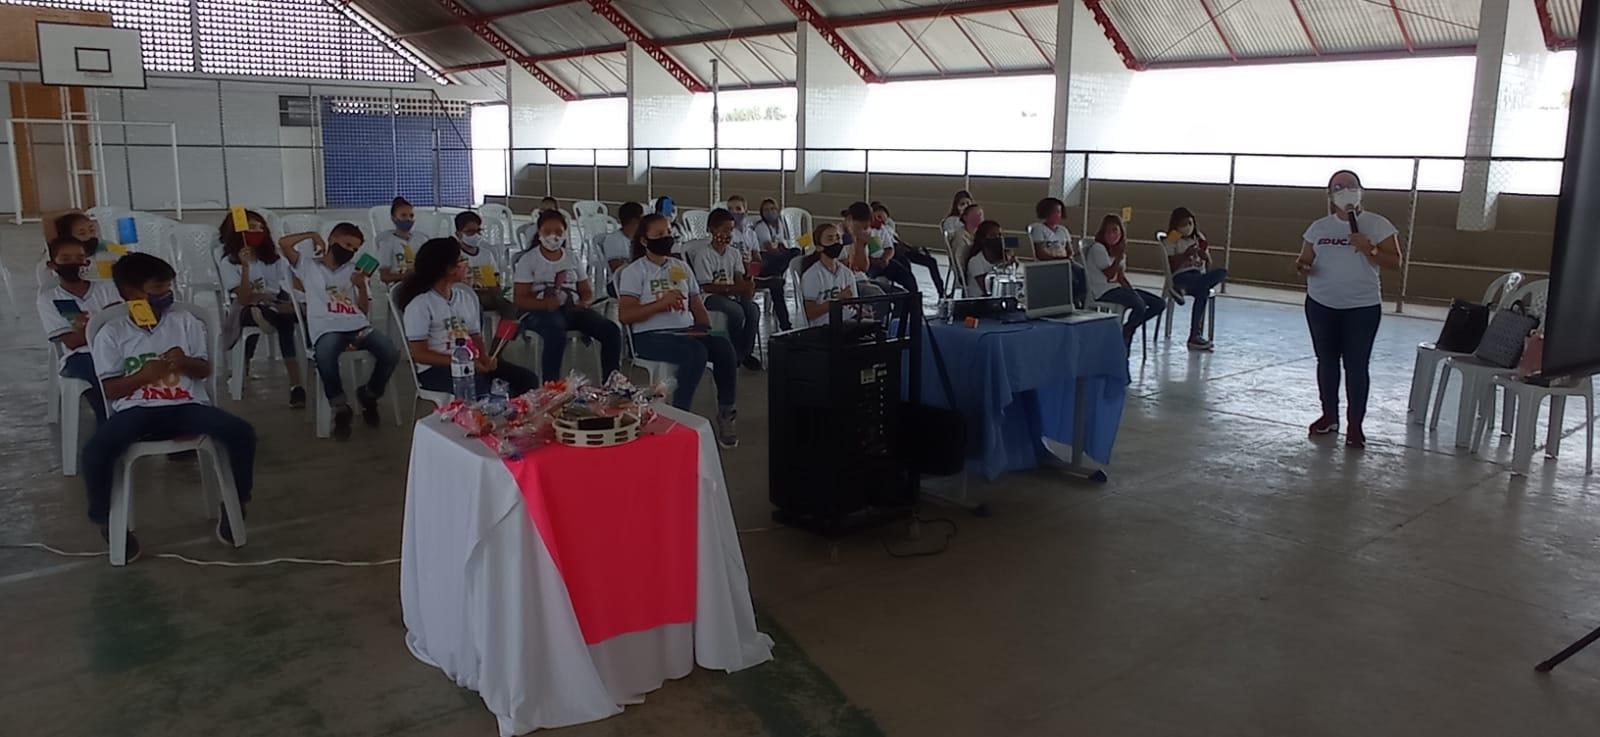 Escolas municipais de Petrolina se preparam para as provas do Saeb